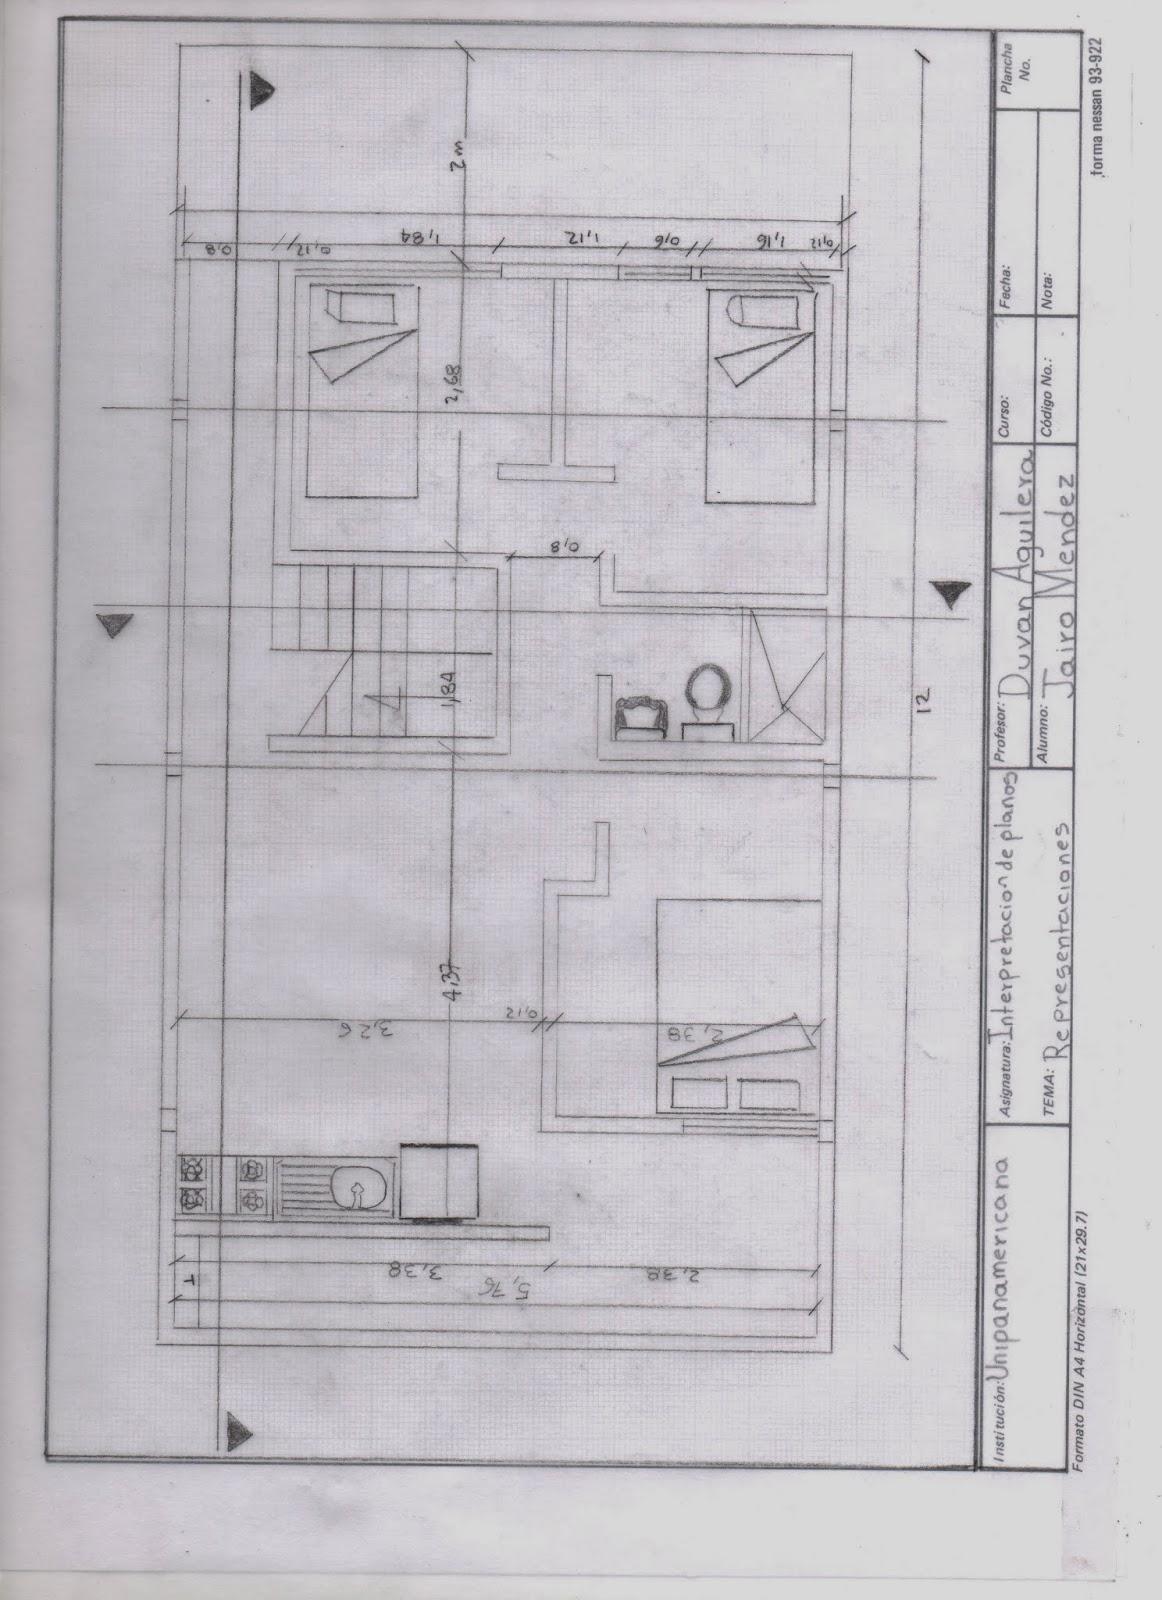 Dise o basico de interpretacion de planos for Simbologia de planos arquitectonicos